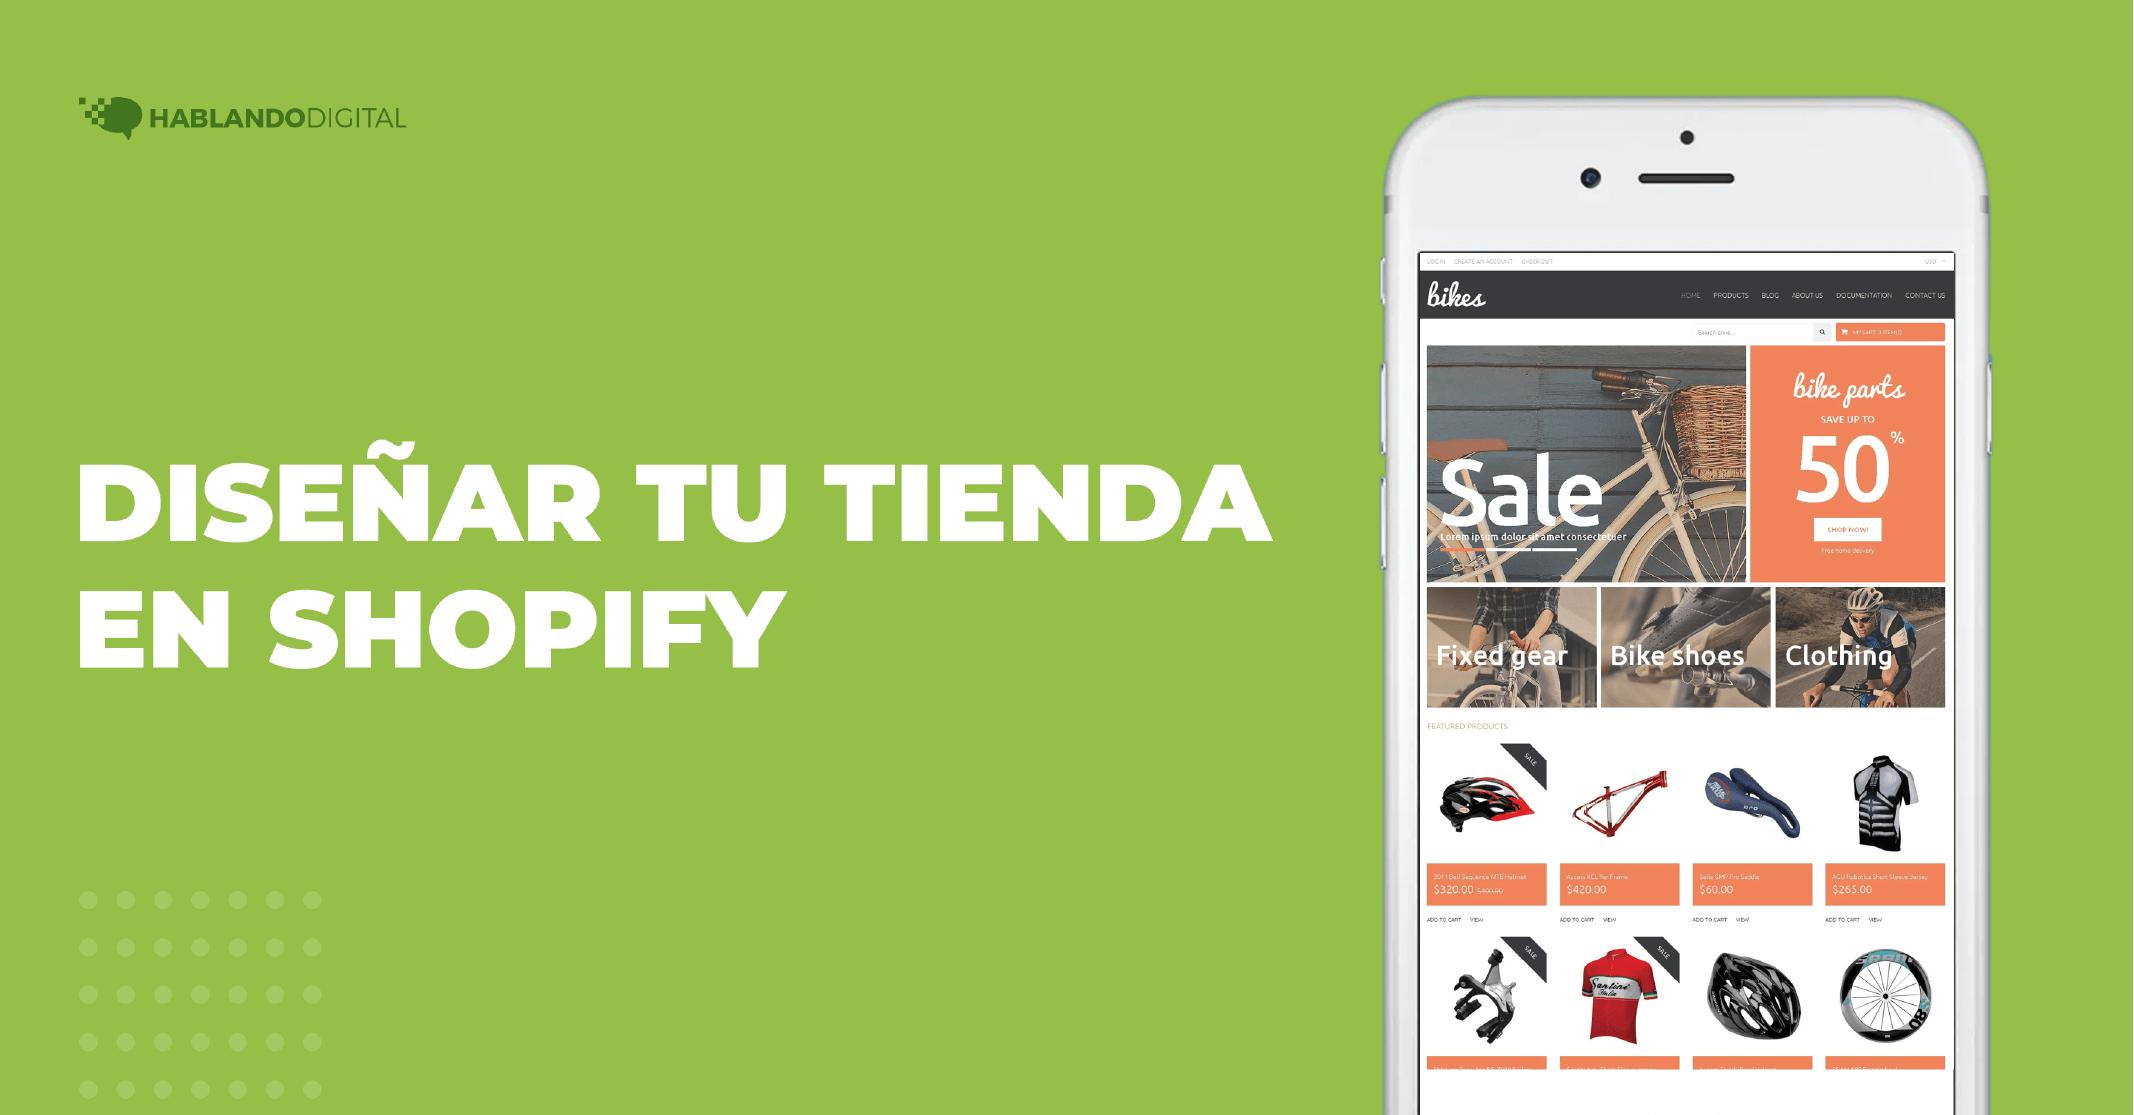 Diseñar tu tienda en shopify